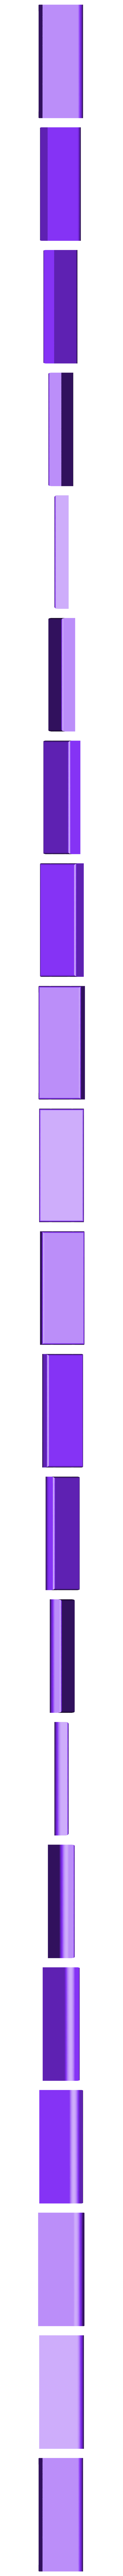 pullback_rod.stl Download free STL file Foam Dart GUN (pullback loading) • 3D print design, senns